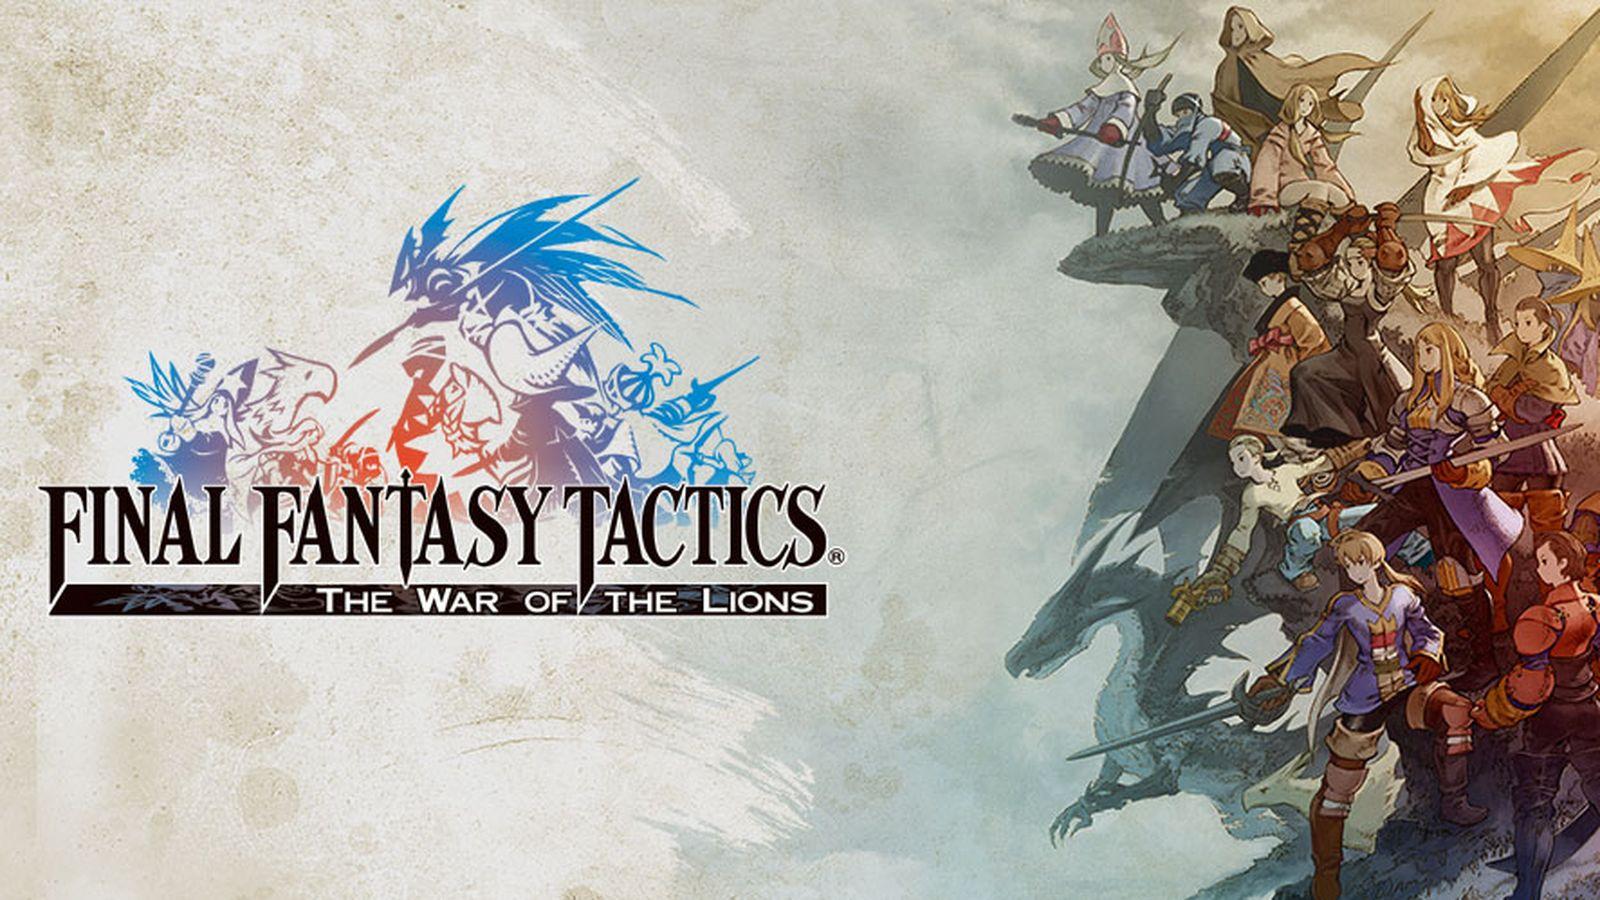 Final Fantasy Tactics ตำนานสงครามแห่งสิงโตคำราม